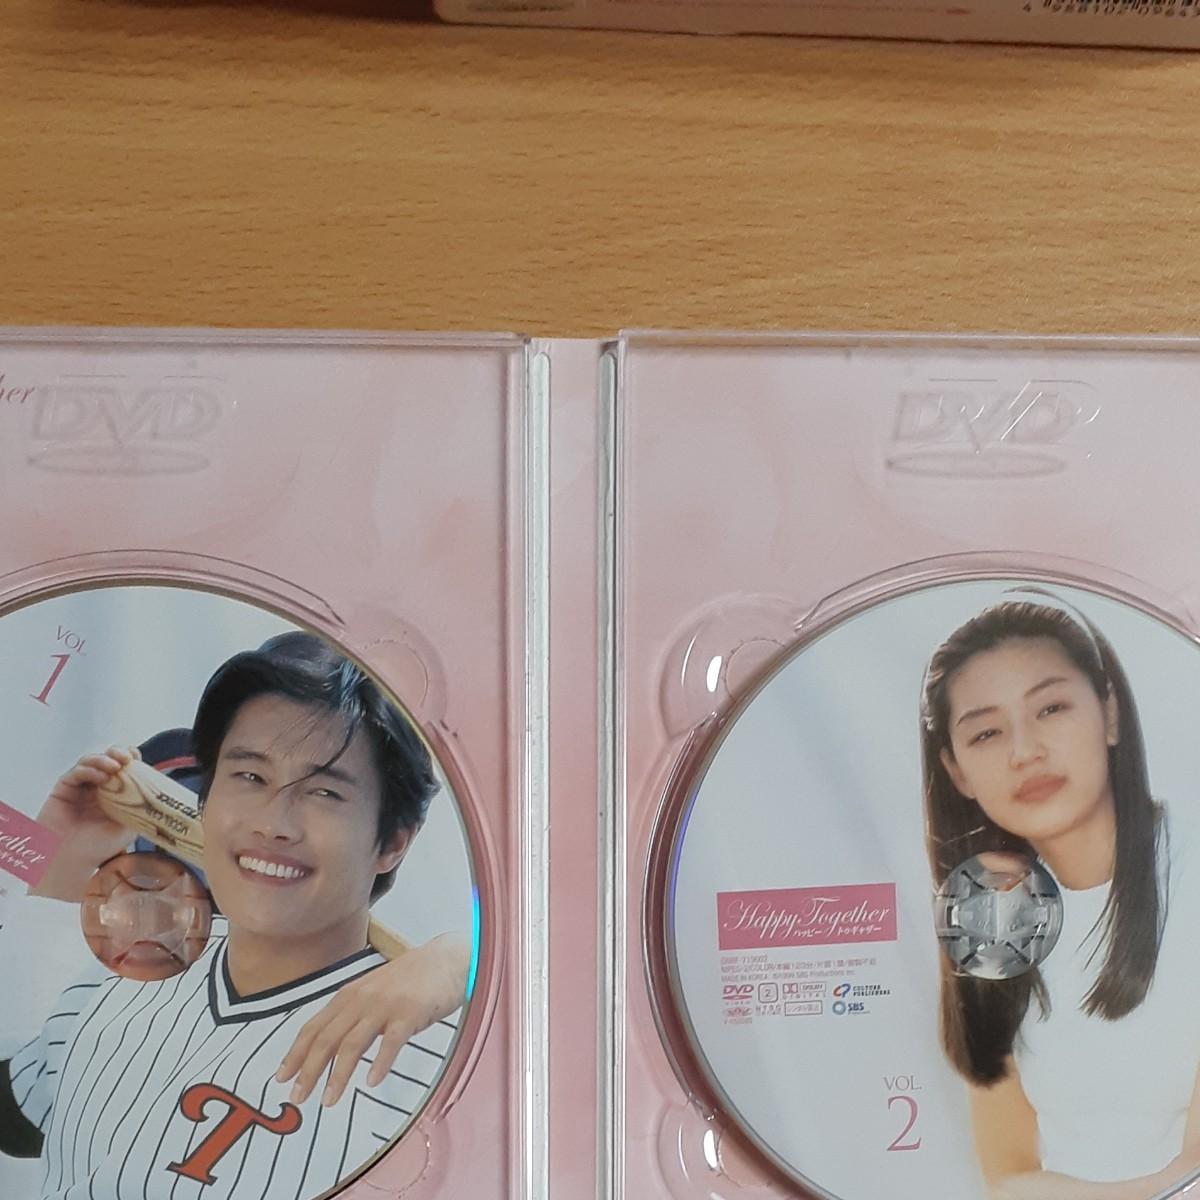 イ・ビョンホン ハッピートゥゲザー DVD-BOX